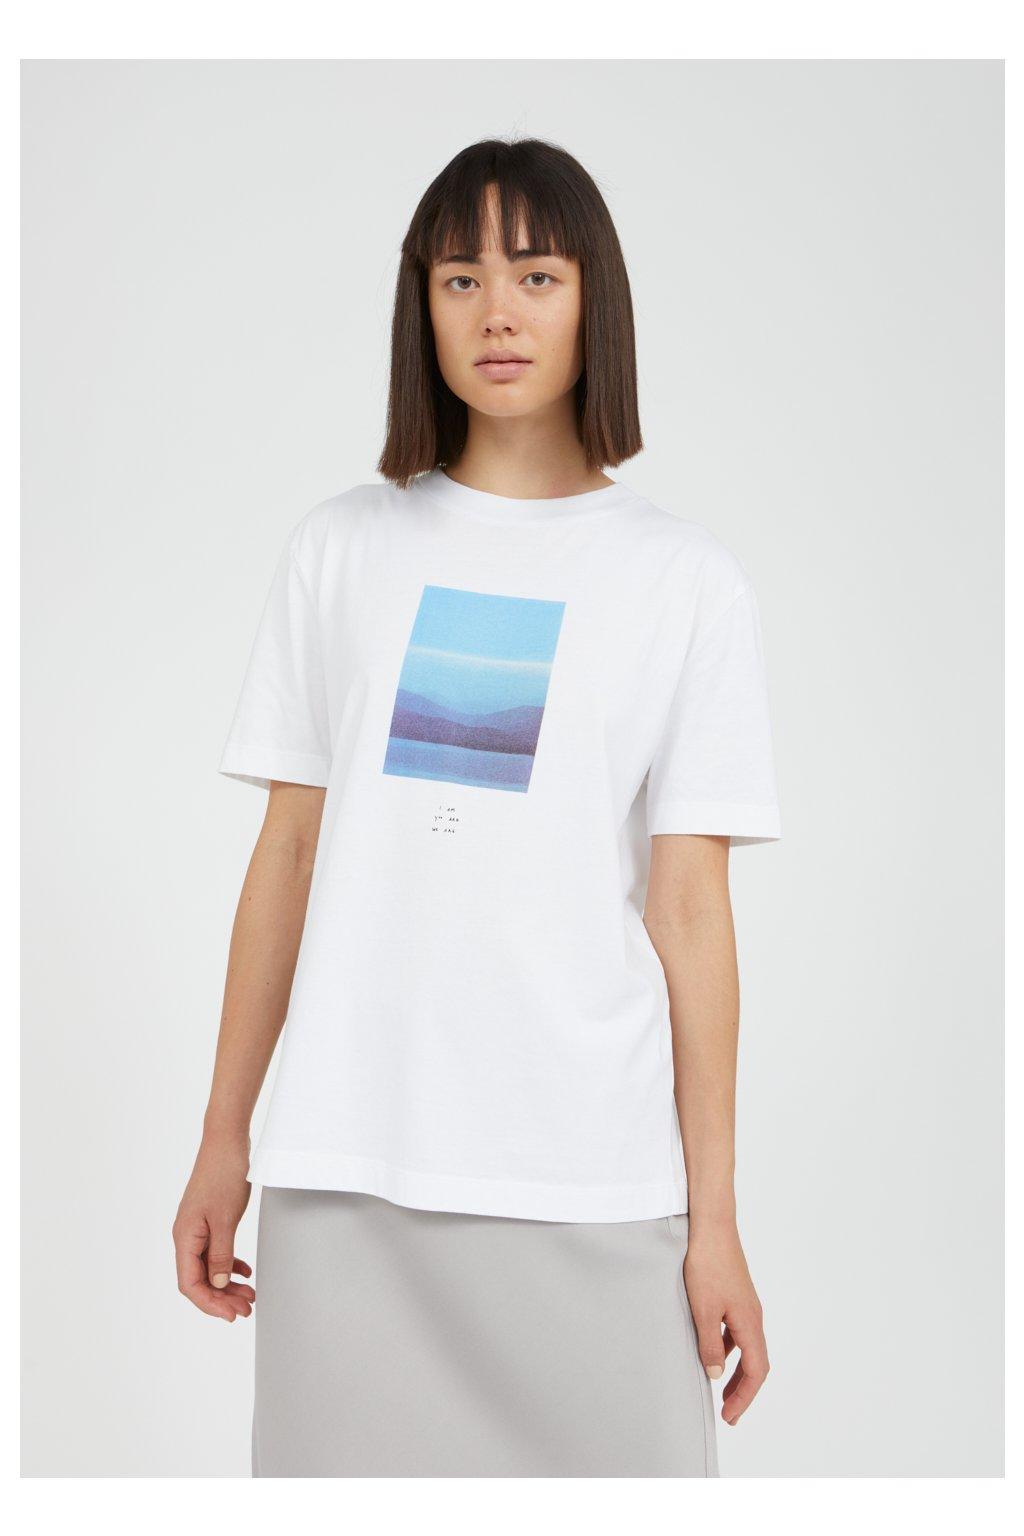 """Dámske biele tričko s potlačou """"MIAA I YOU WE ARE white"""""""